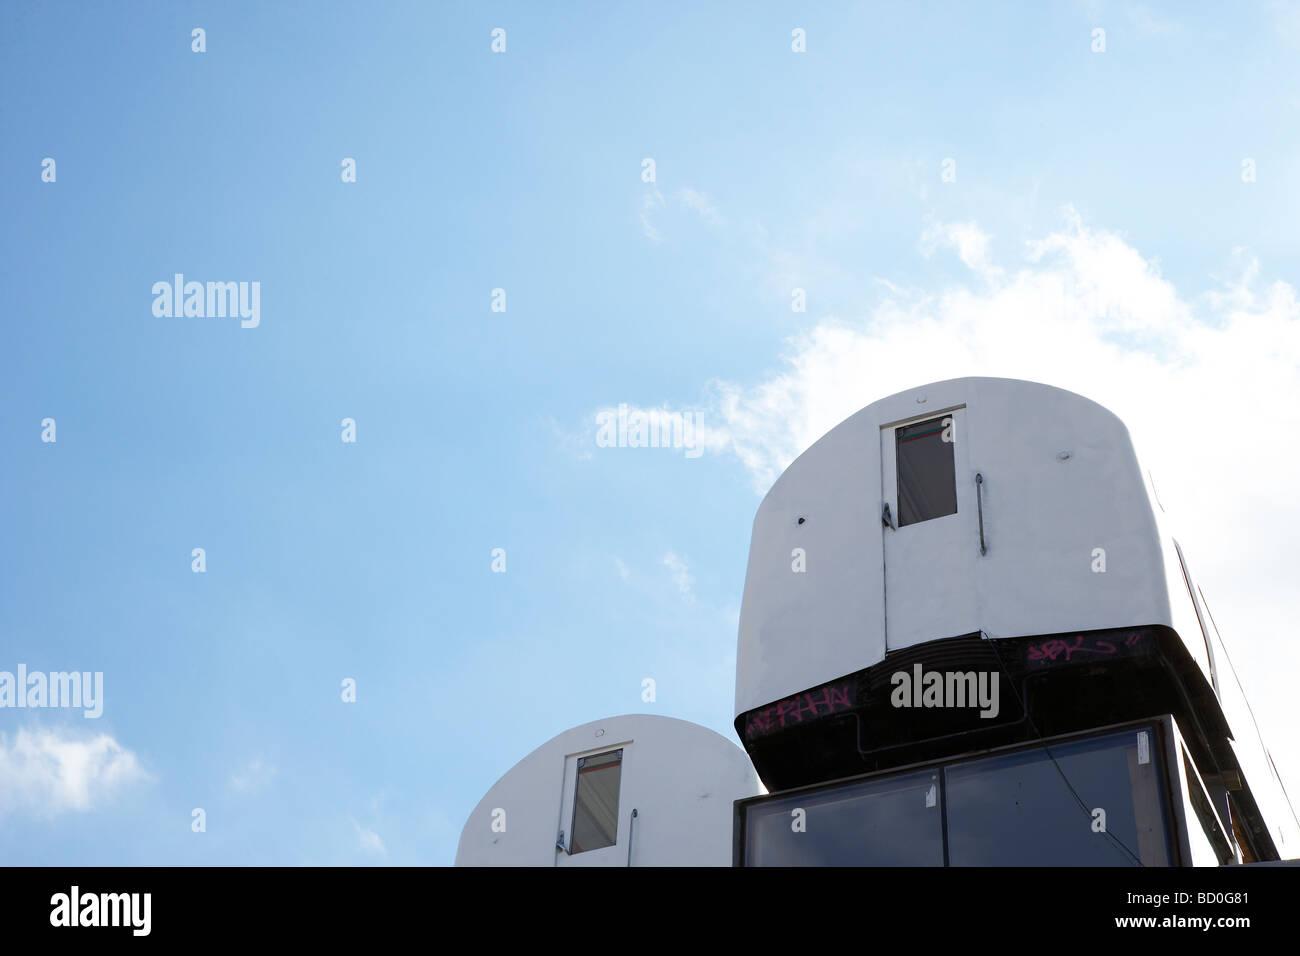 Tubo carrelli, equilibrato sulla parte superiore di un edificio Immagini Stock